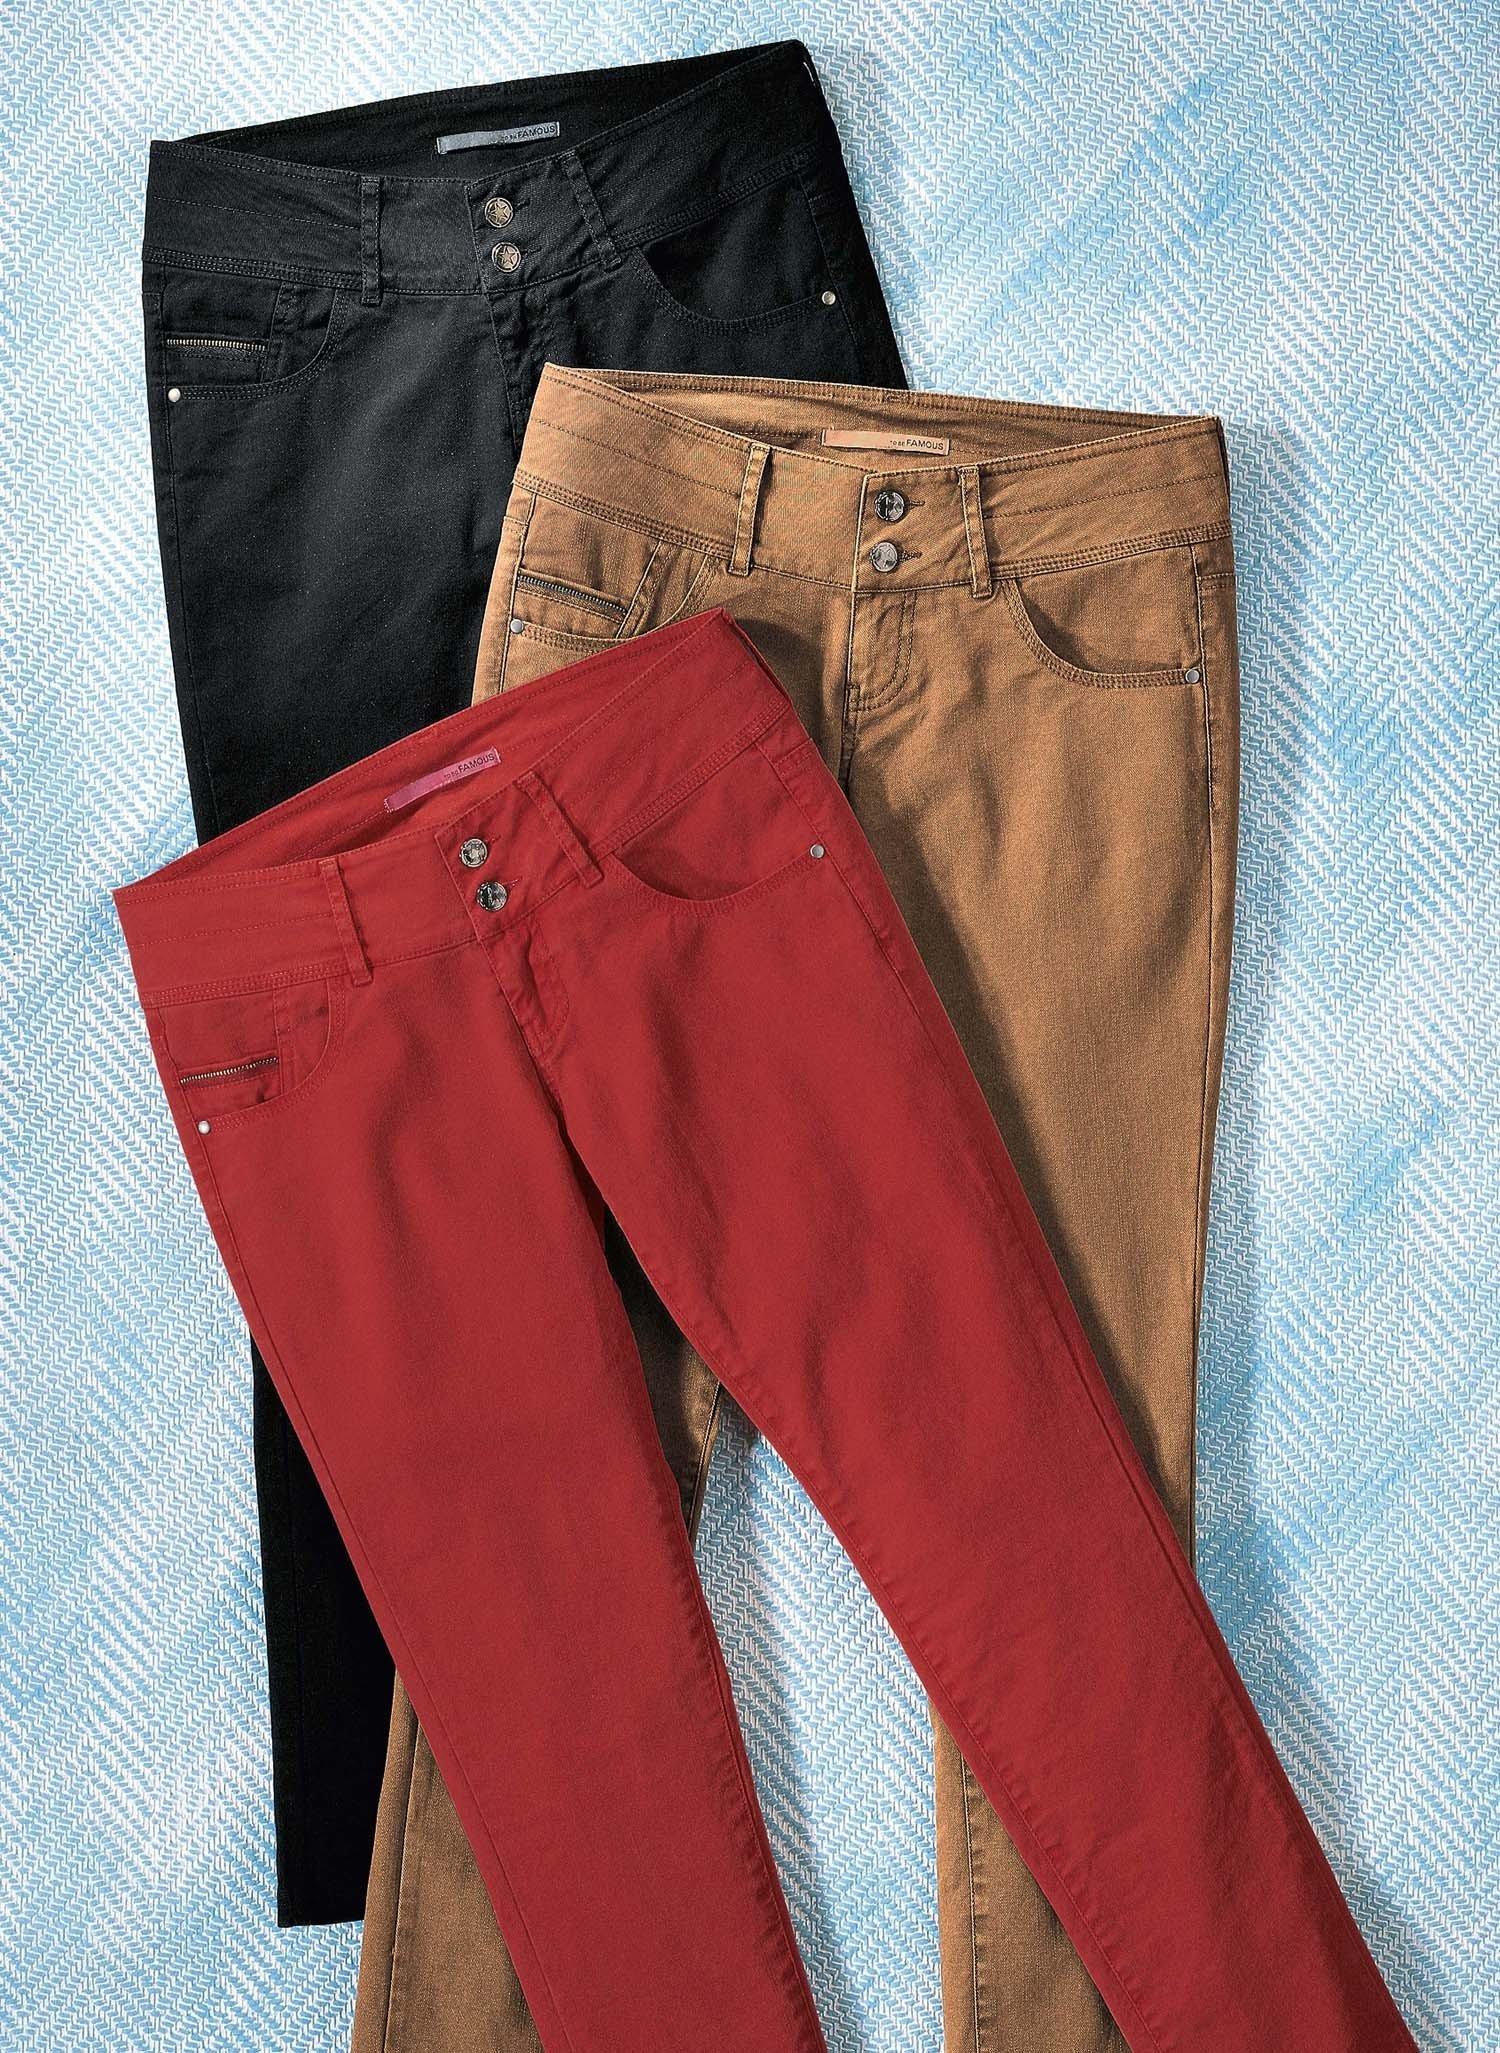 D-Colors-Jeans h-Bund schwarz 34 010 - 2 - Ronja.ch